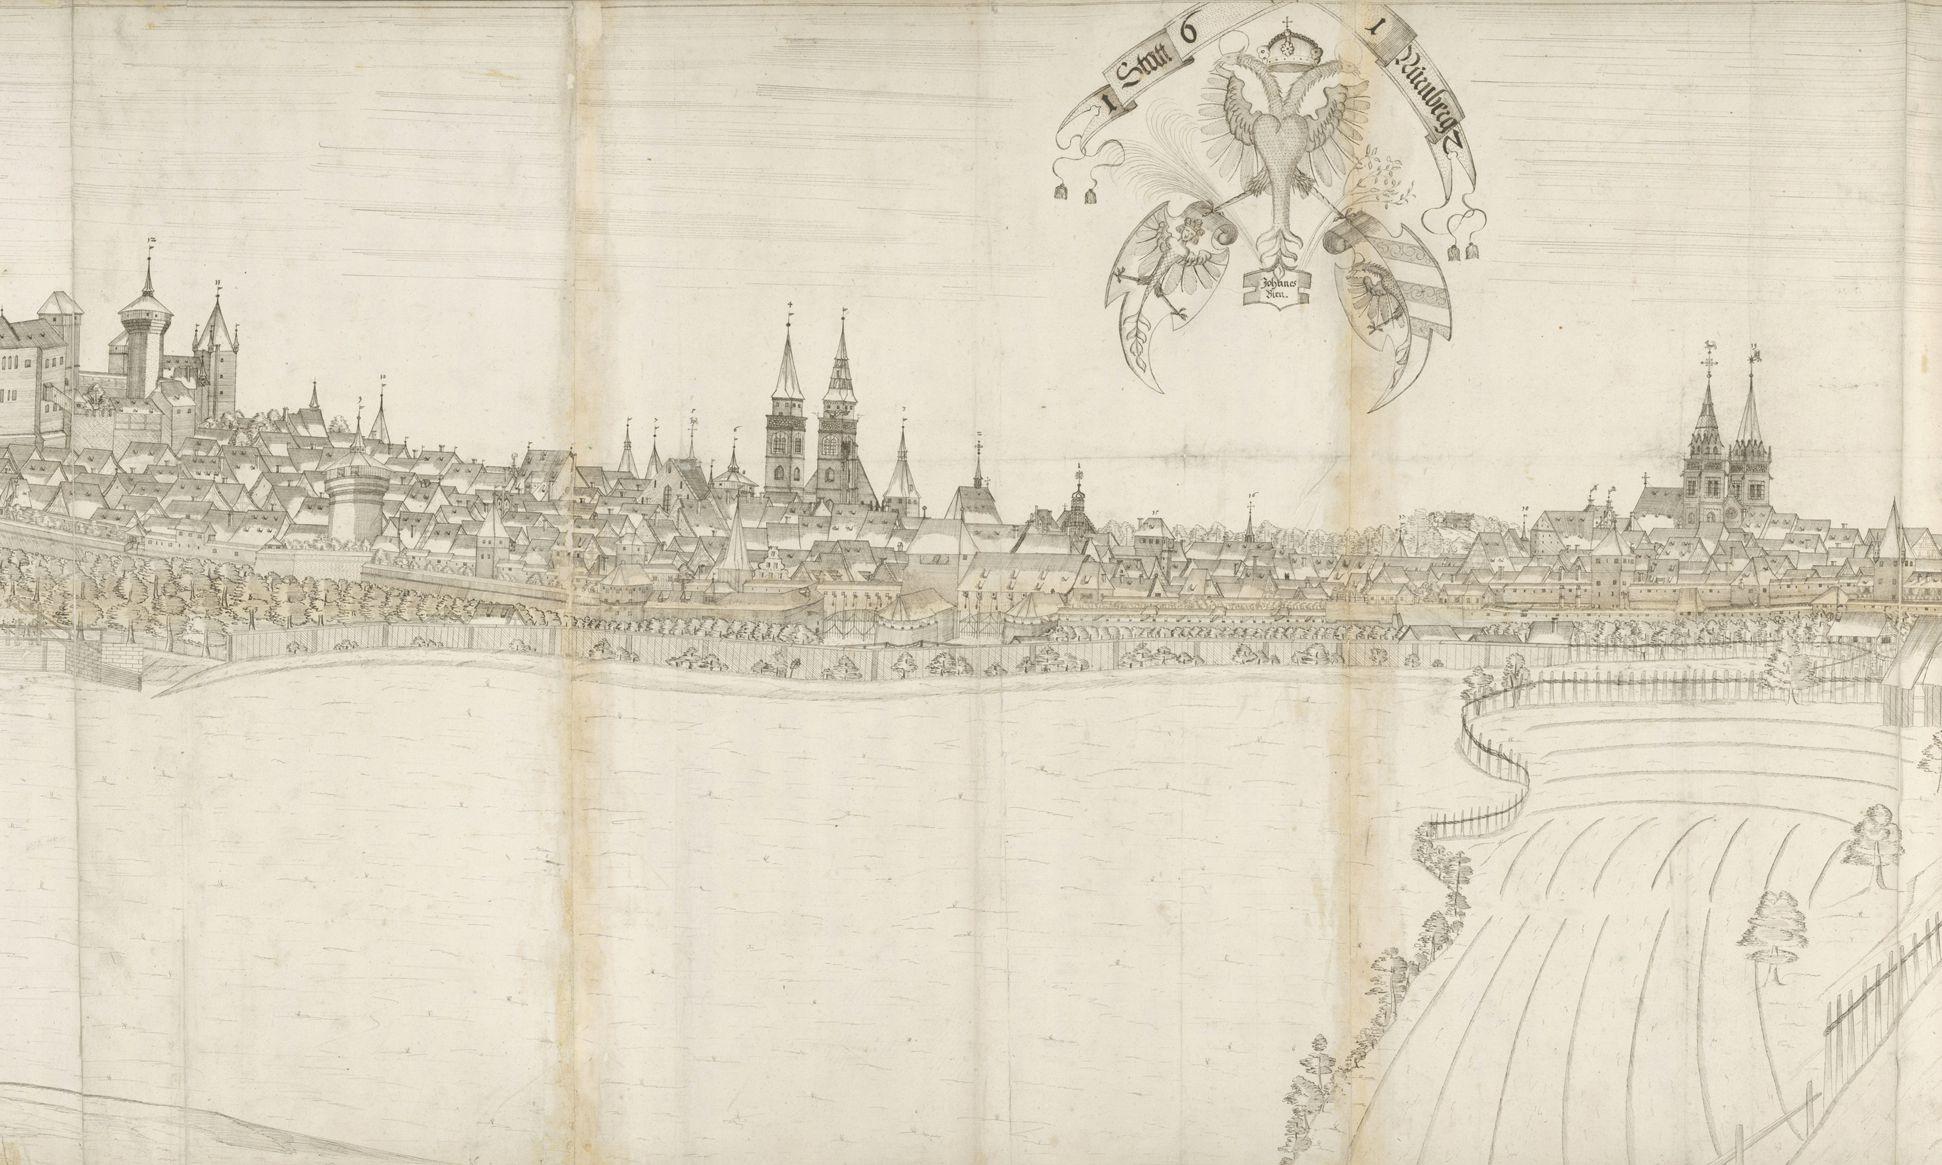 Panoramadarstellung der Stadt Nürnberg von Westen mittleres Drittel (vom Burgpalas bis zum Turm Rotes Z), mittig im Himmel platziert der Wappendreiverein